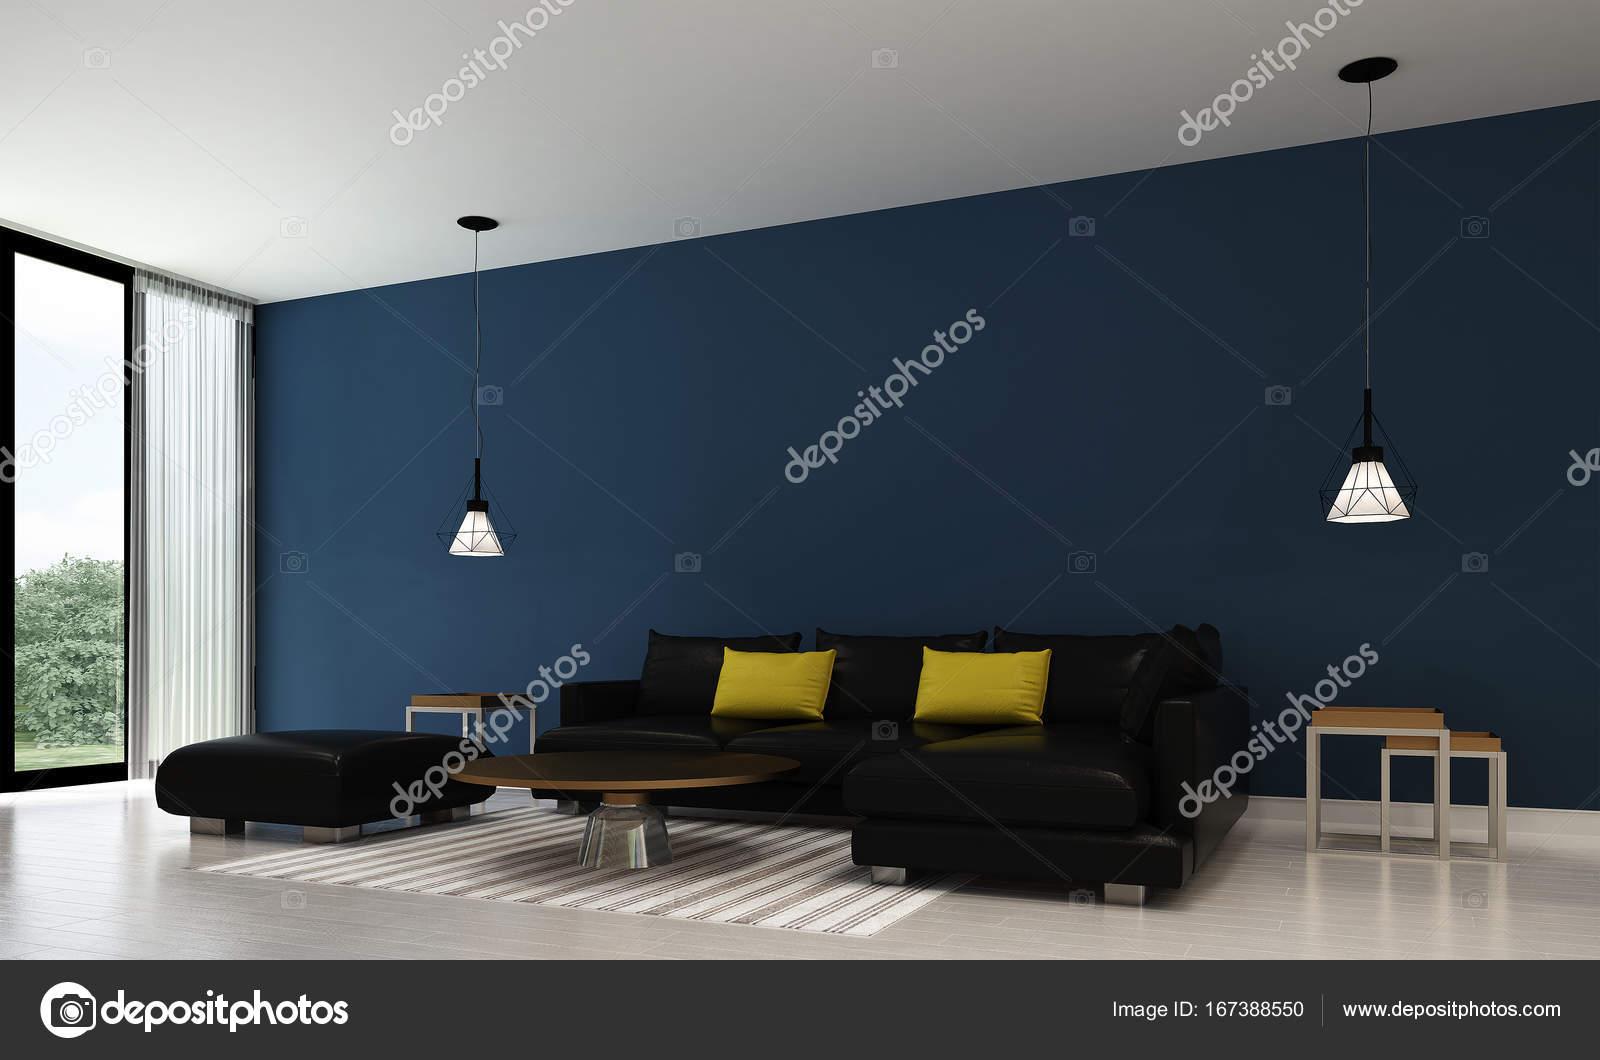 https://st3.depositphotos.com/11732771/16738/i/1600/depositphotos_167388550-stockafbeelding-het-interieur-van-woonkamer-en.jpg